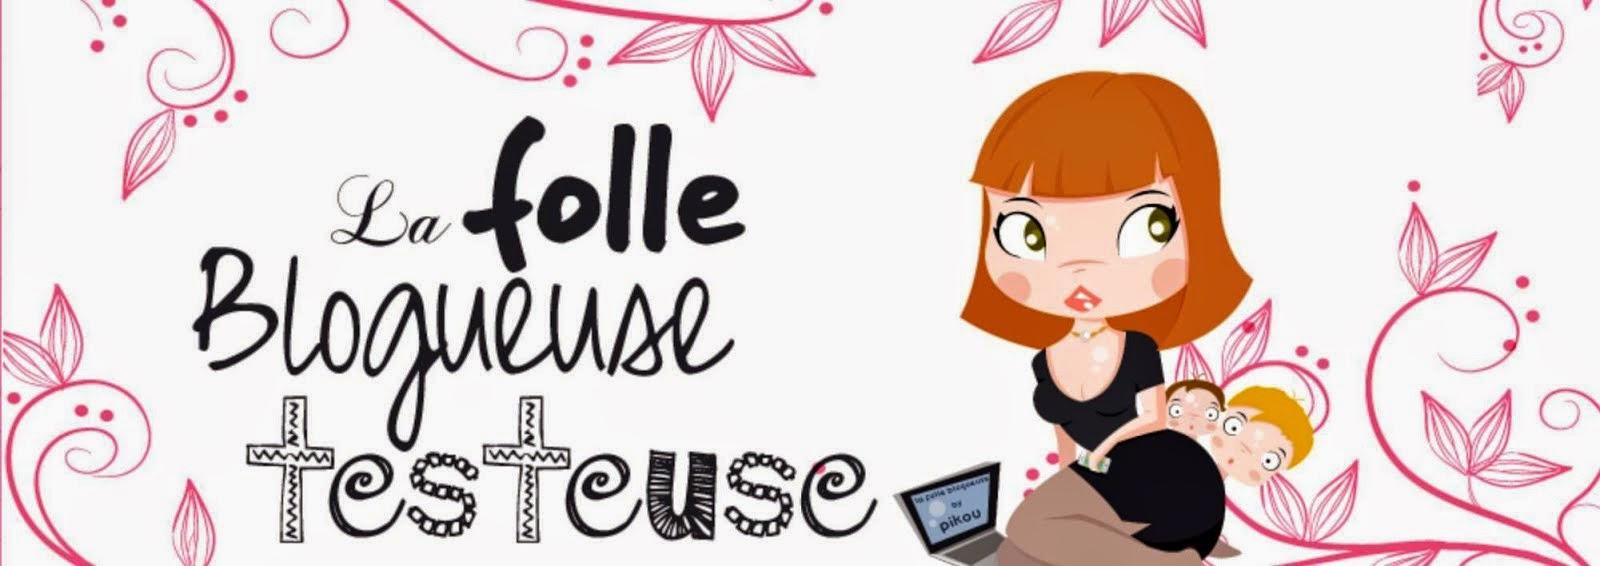 La Folle Blogueuse